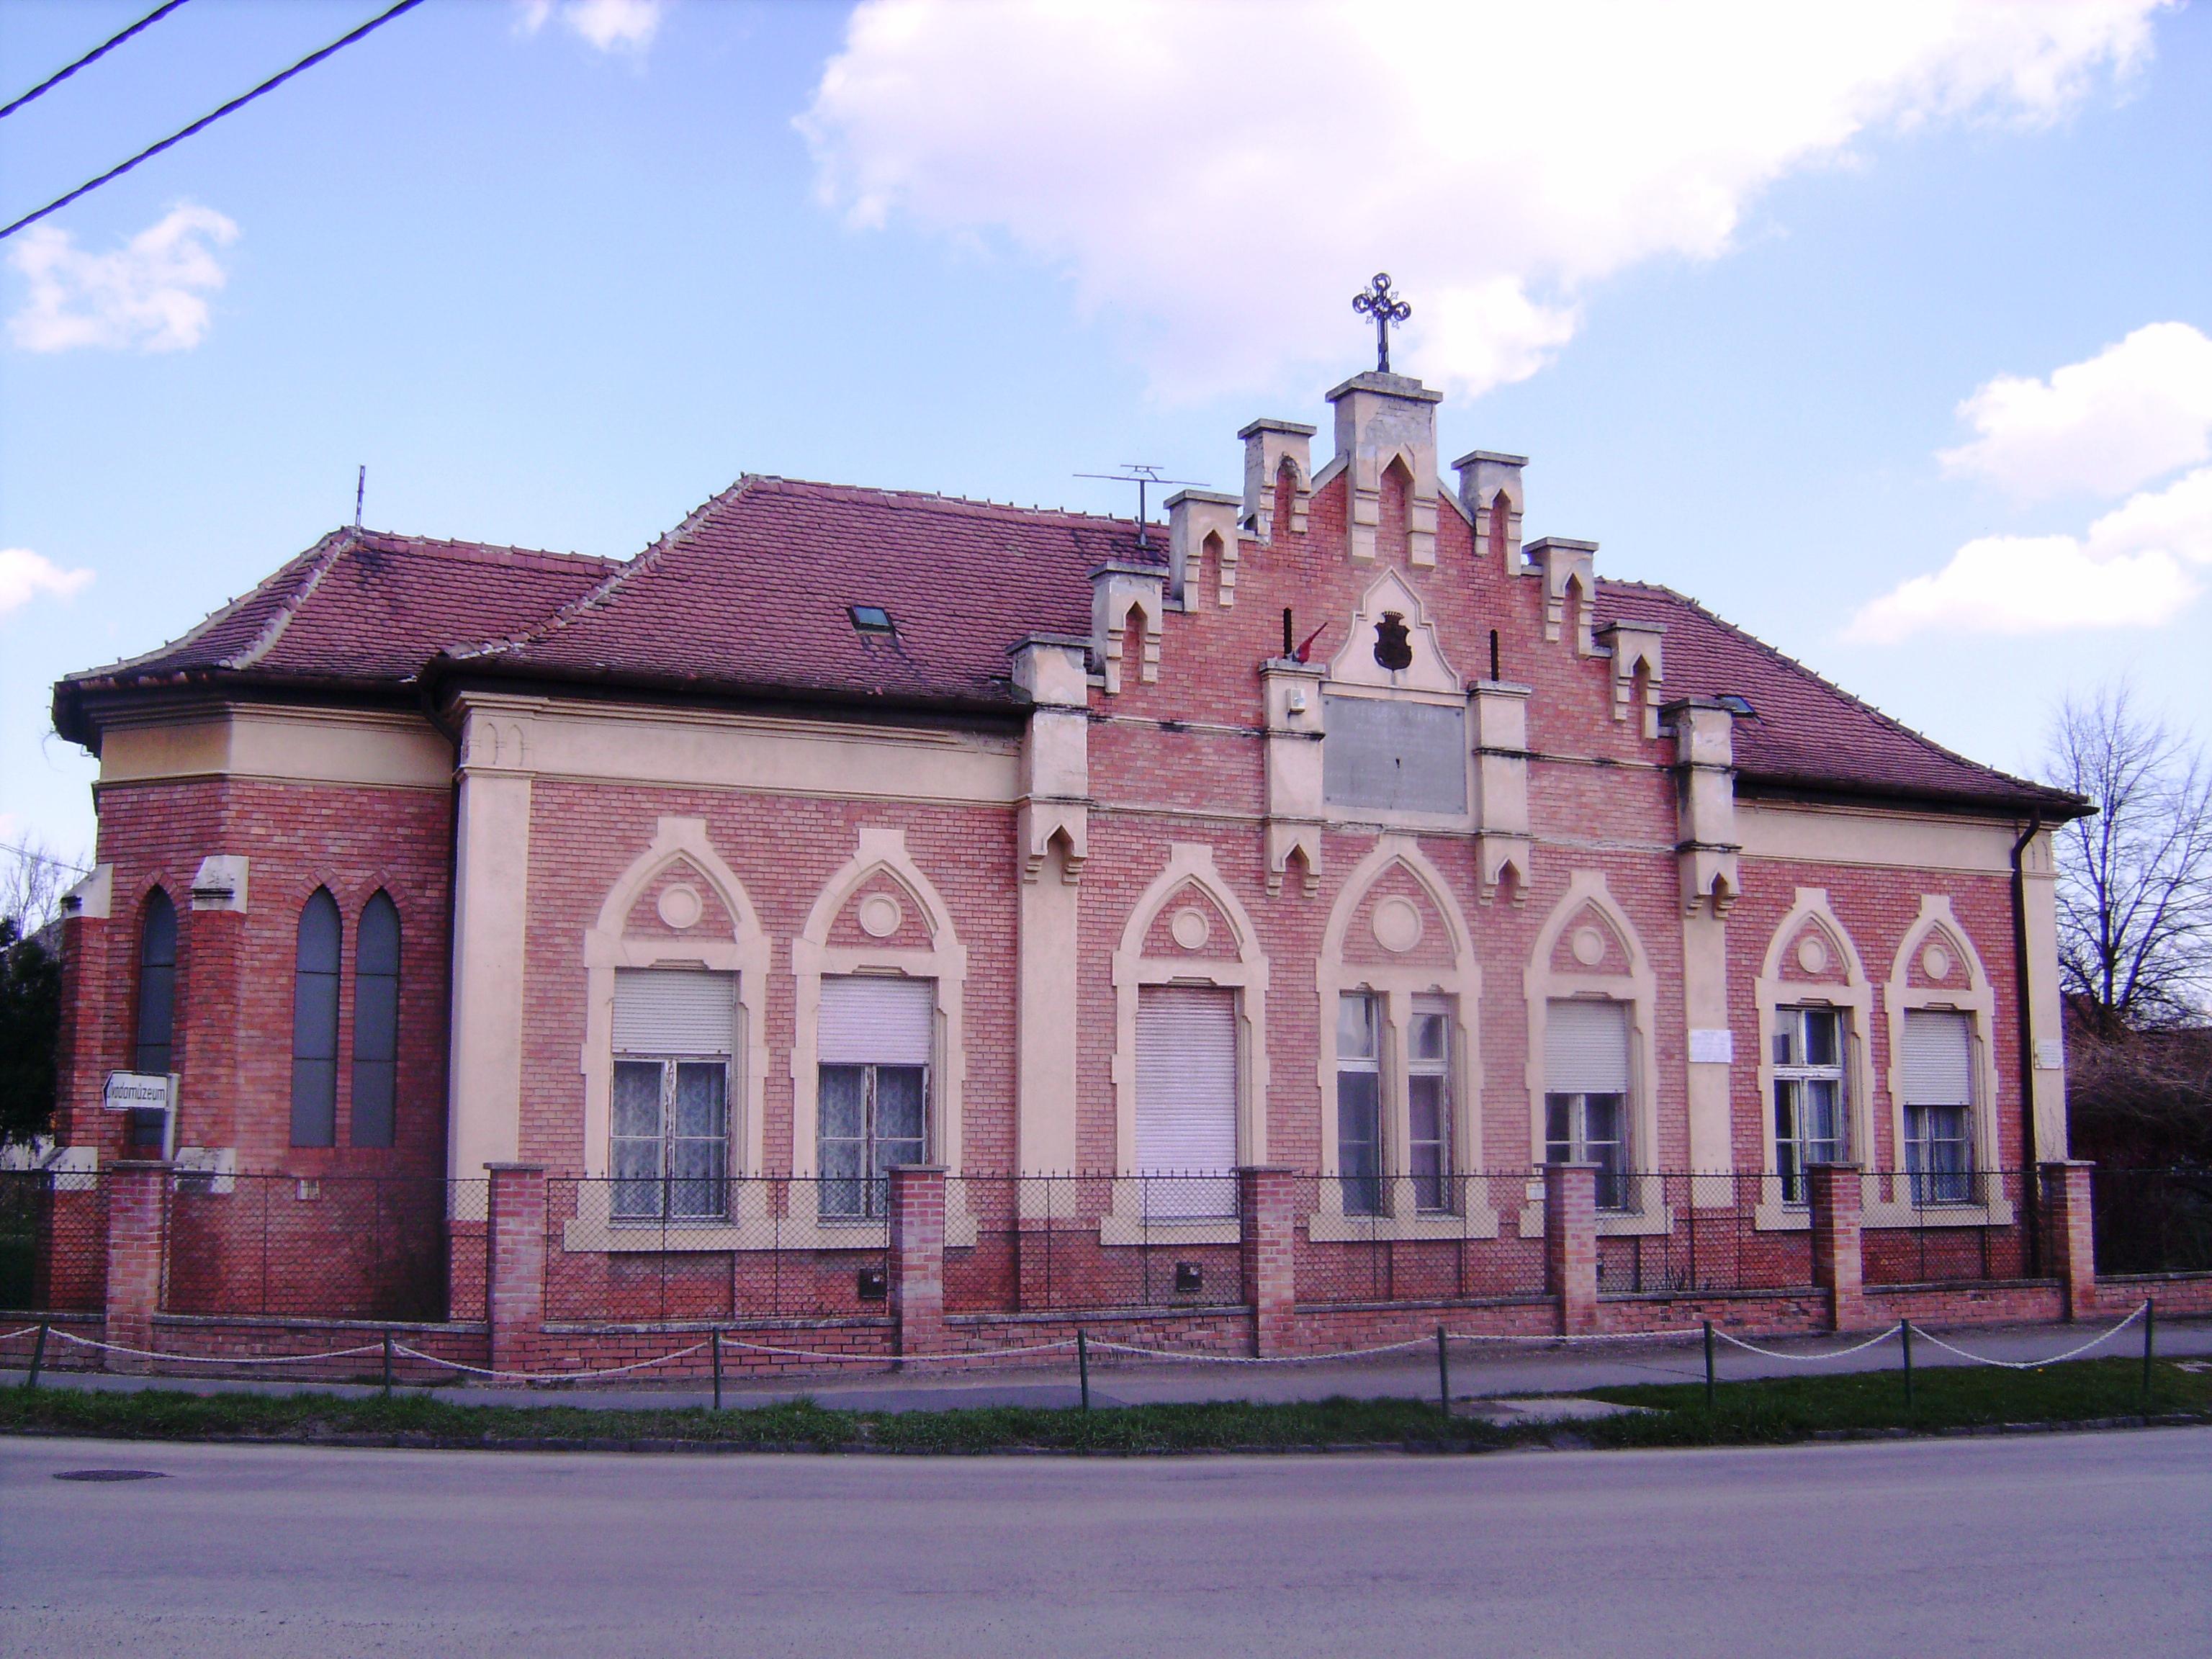 Az egykori gyermekkertet 1883-ban romantikus stílusban építtette gróf Brunszvik Géza. Ma is óvoda működik az 1900-ban újjáépített, azóta többször felújított épületben. (Forrás: vendegvaro.hu)